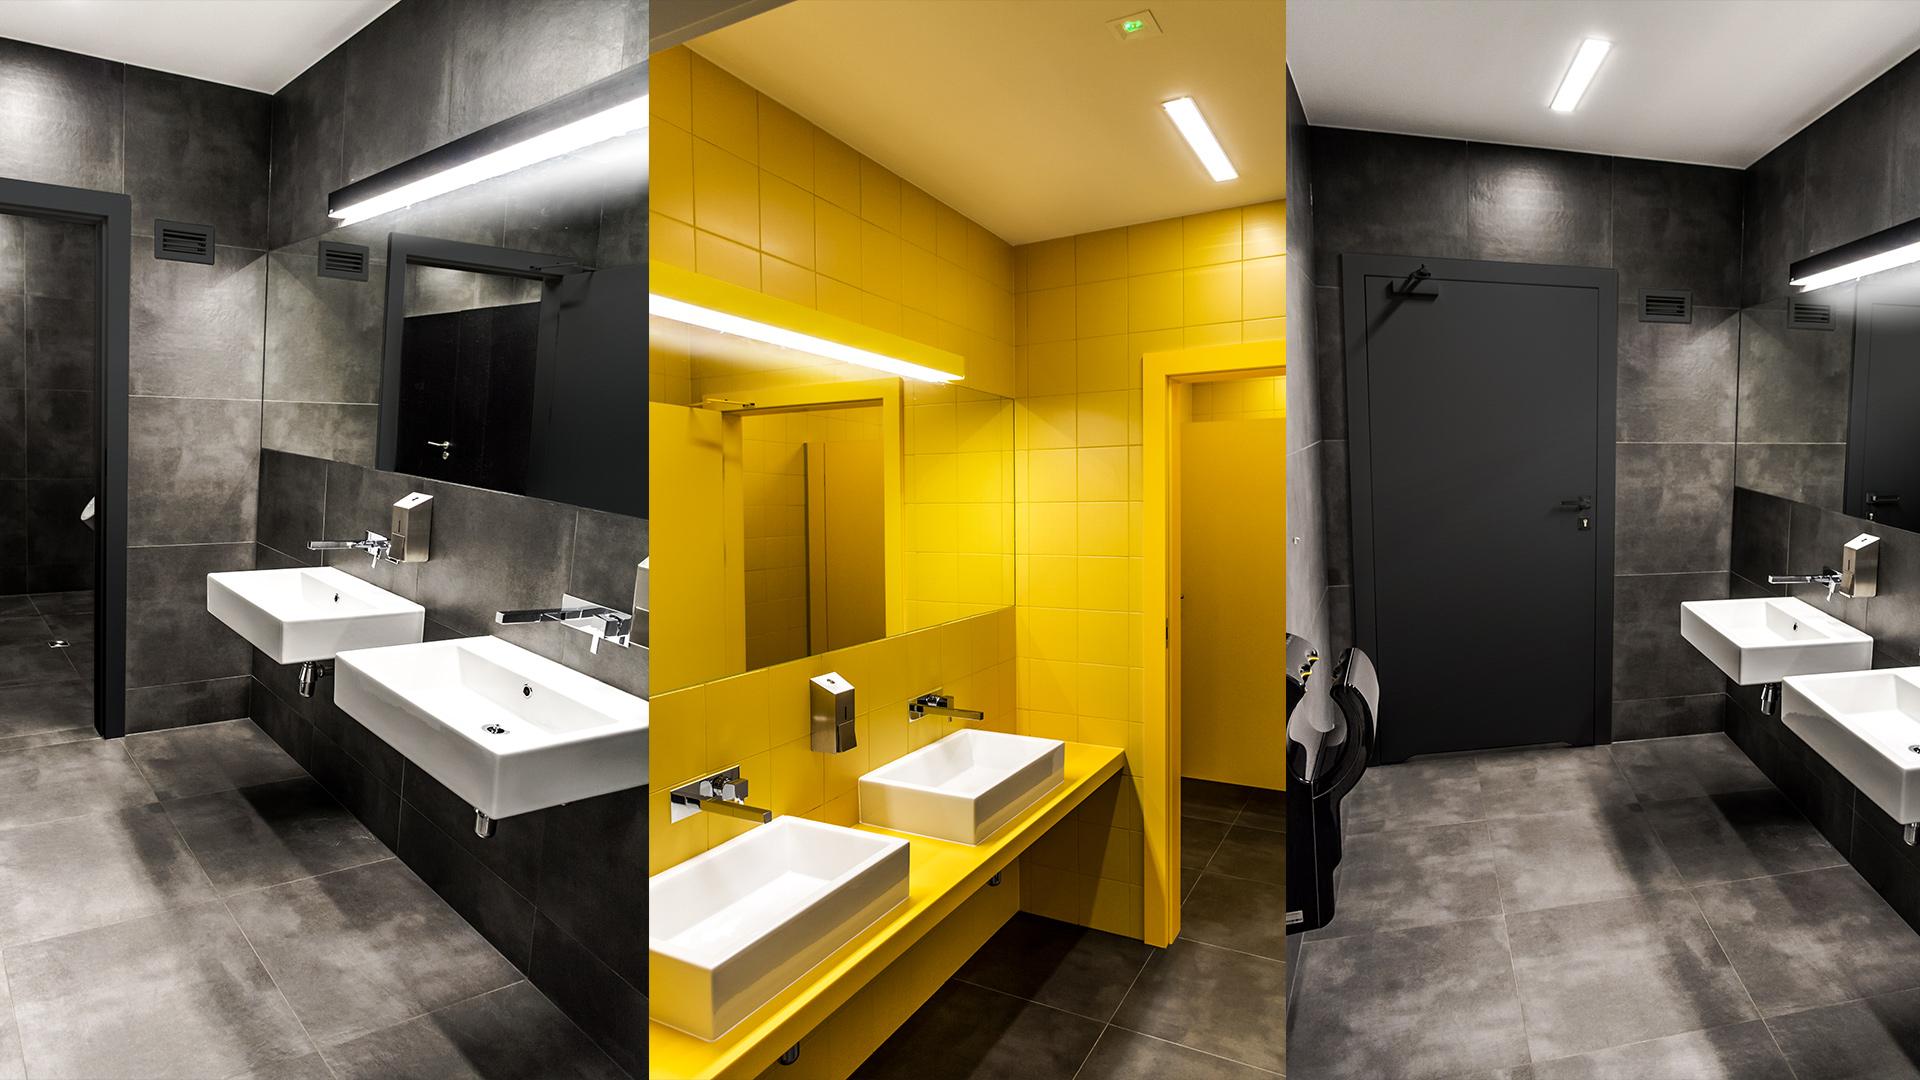 Damskie toalety dla pracowników wyróżnia energetyczna, żywa kolorystyka, a męskie – pełen elegancji powściągliwy grafit.